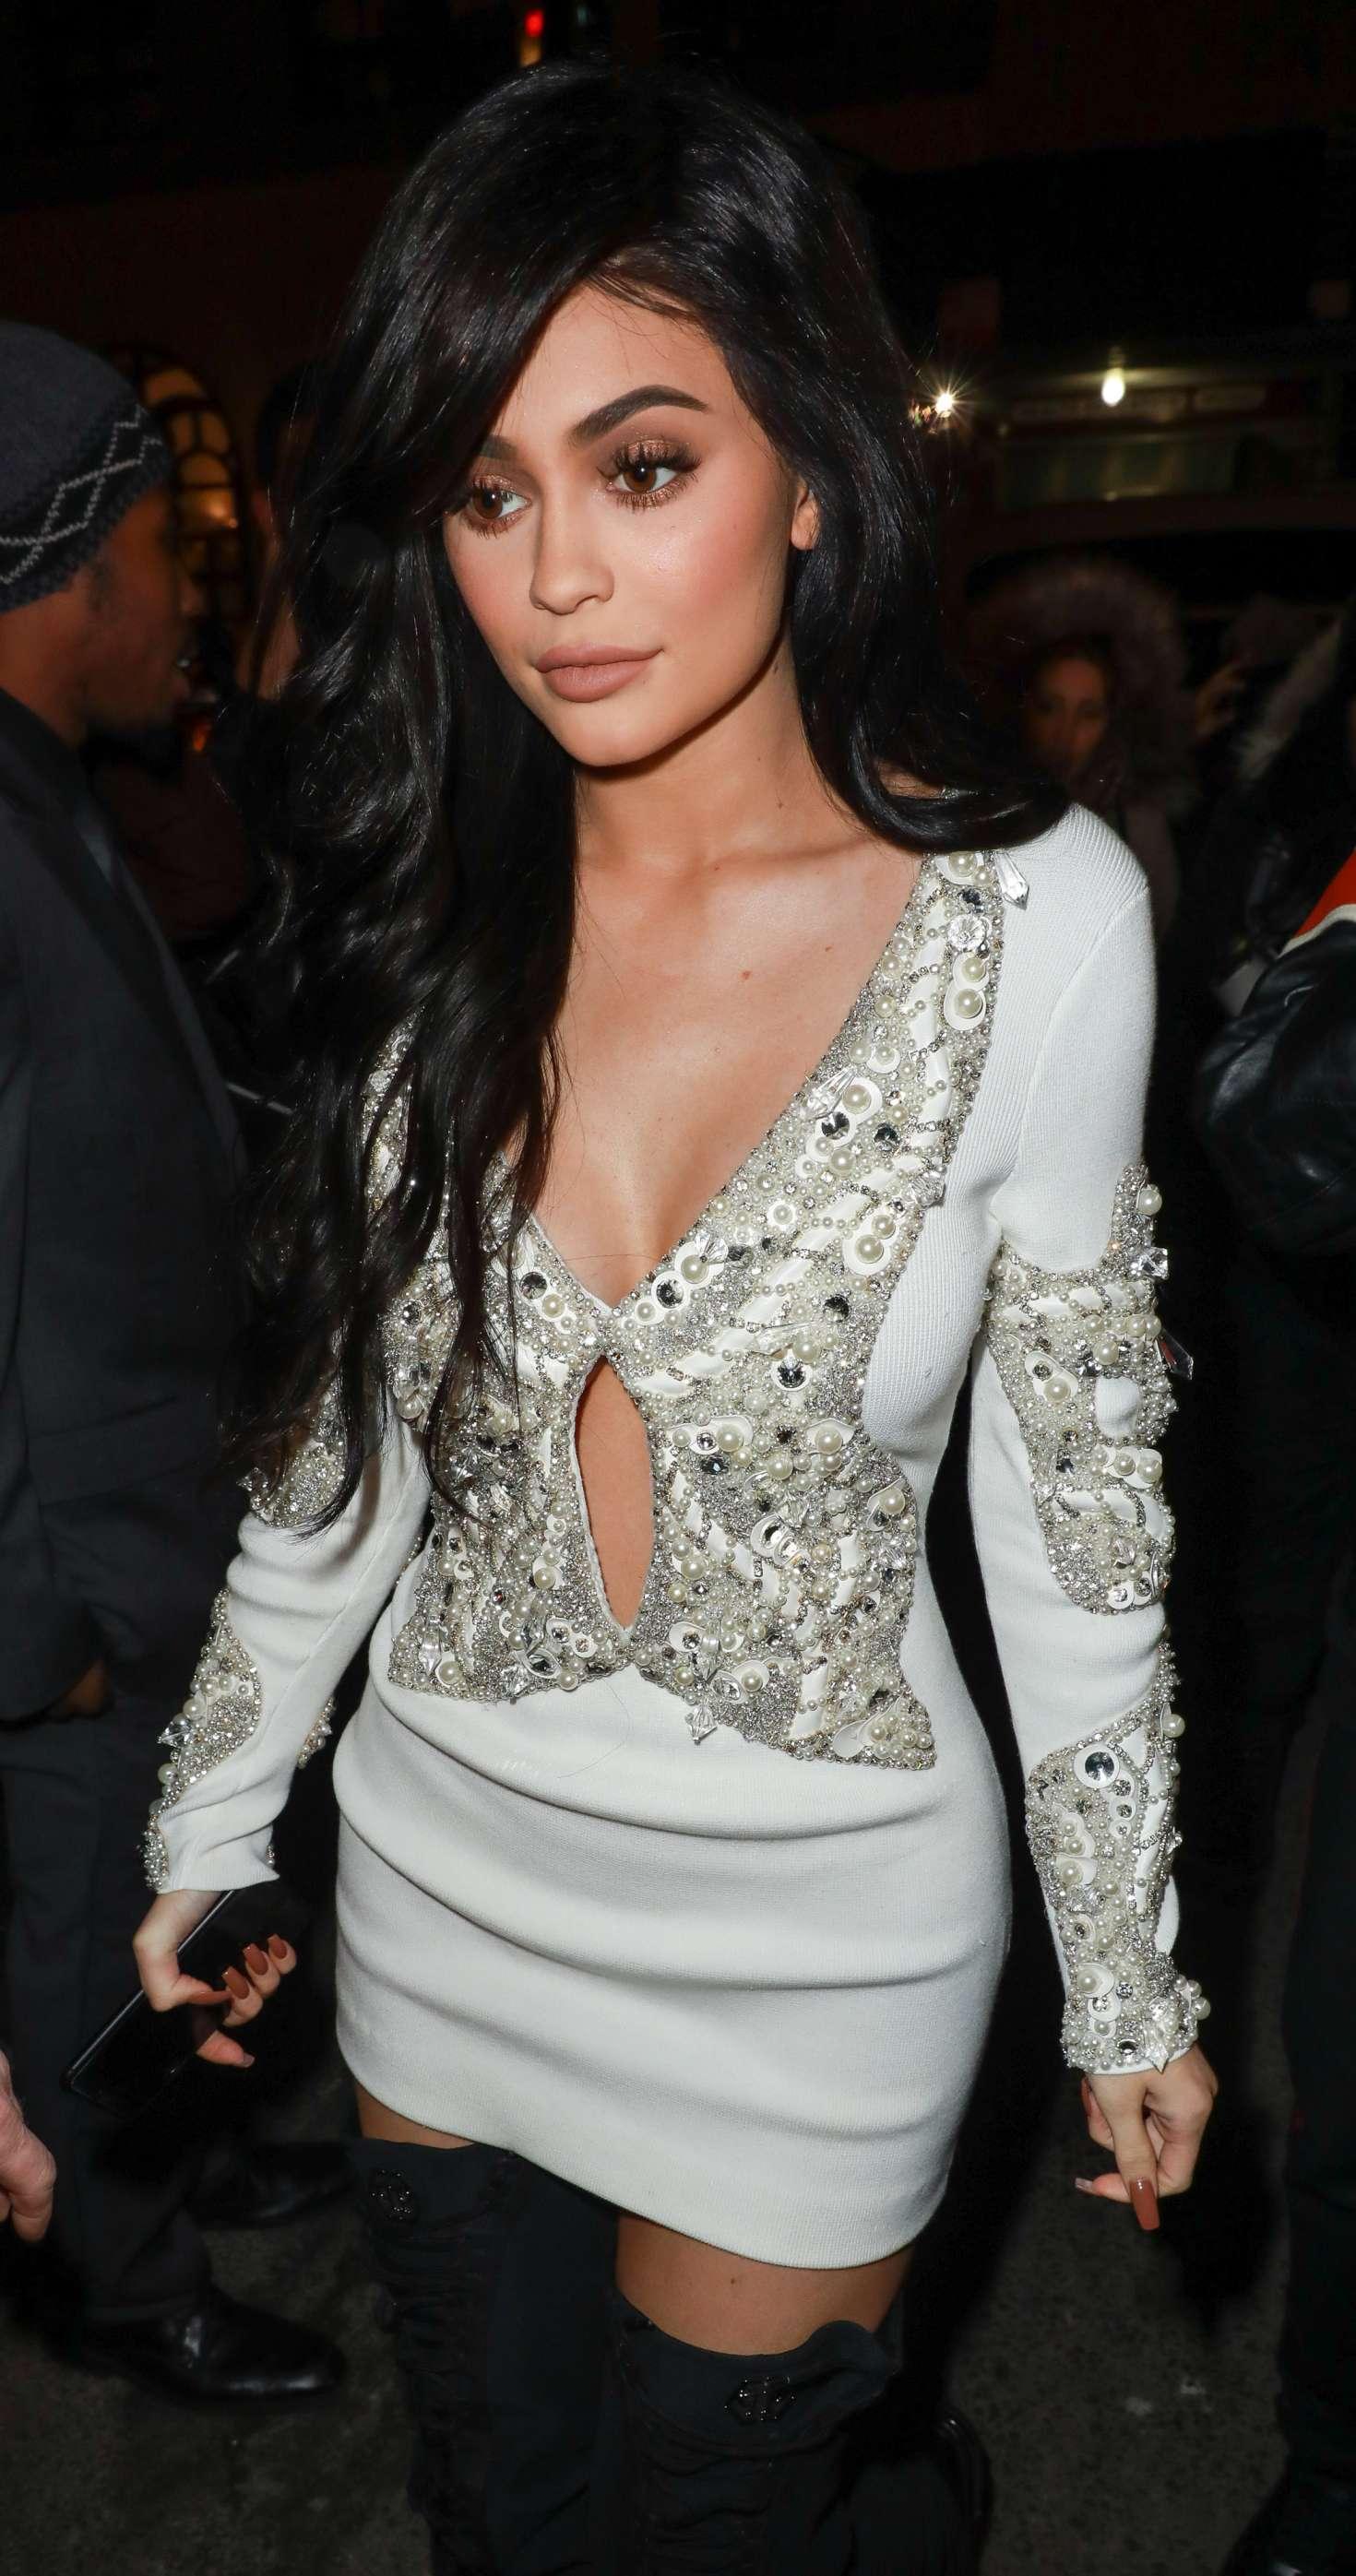 New Kylie Summer Lip Kit Swatches On Dark Skin: Kylie Jenner At Philip Plein Fashion Show In New York